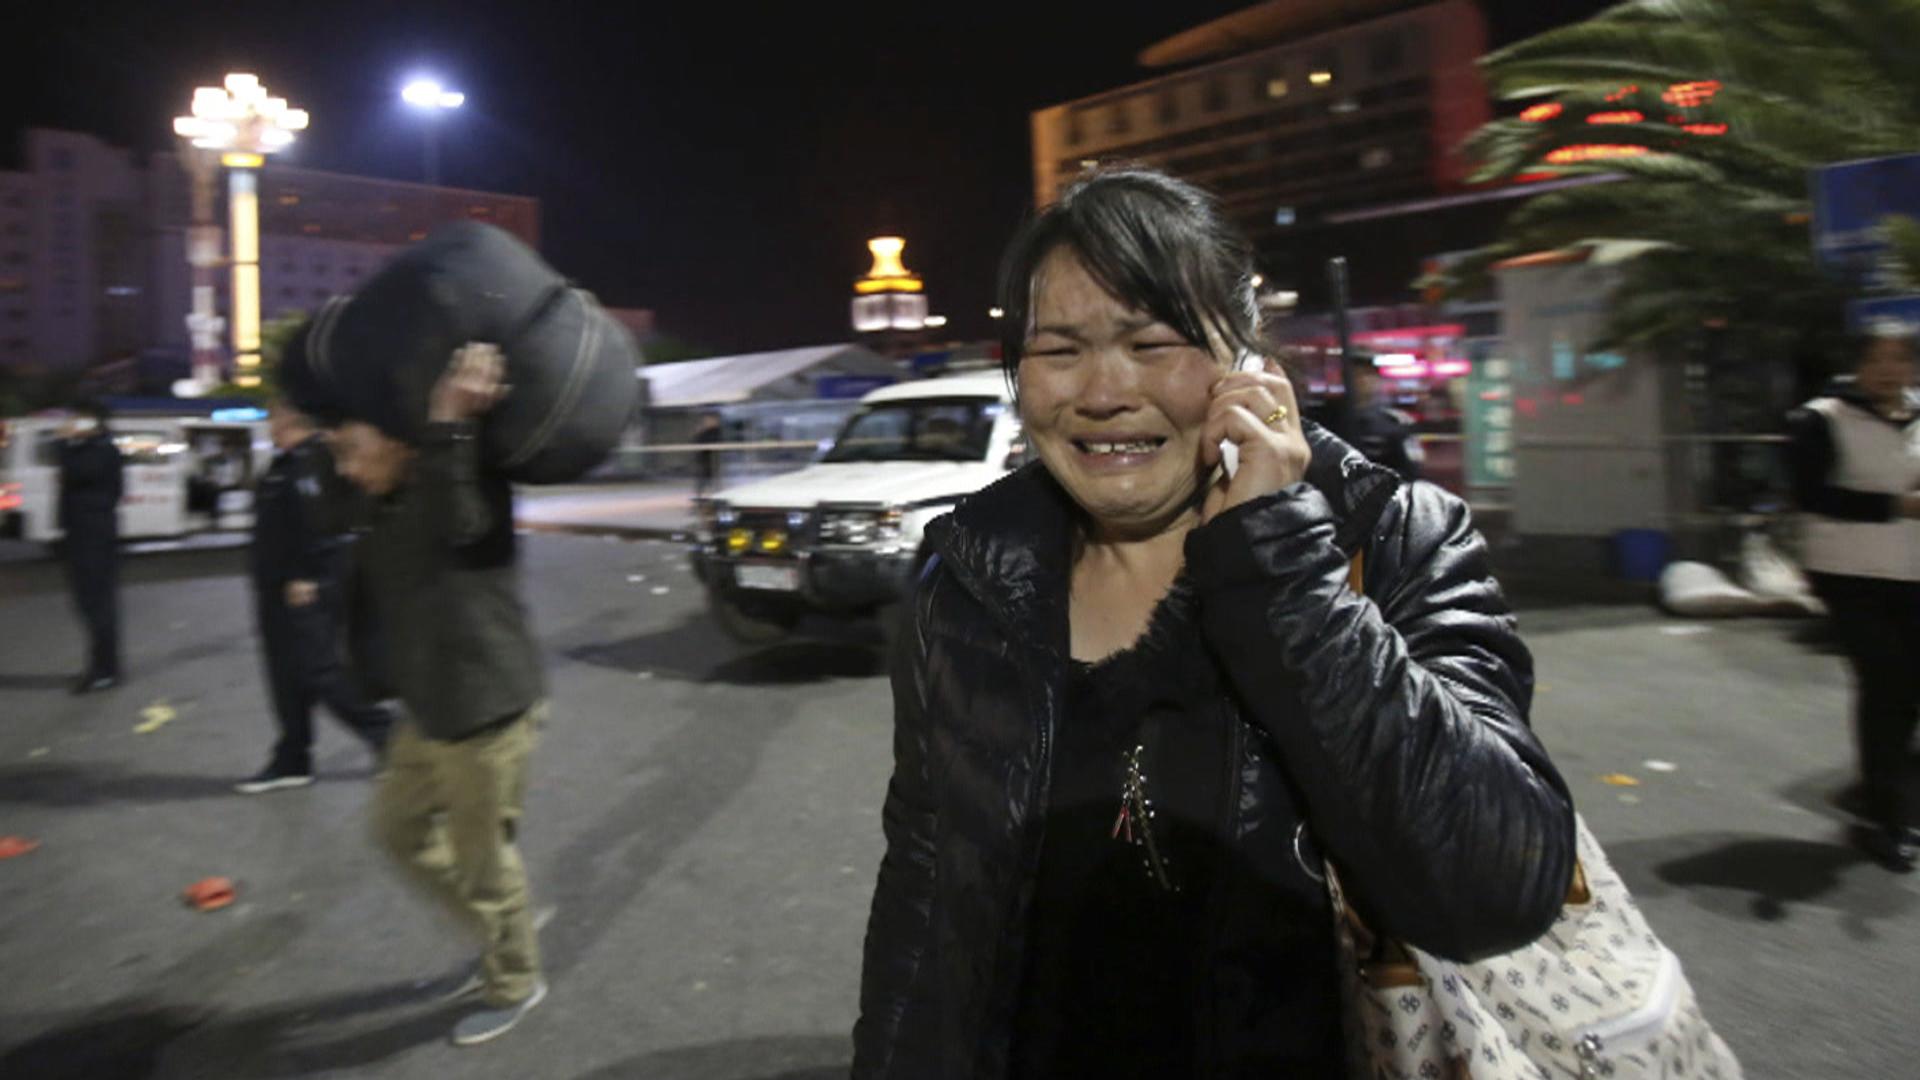 33 Dead, 130 Injured in China Knife-Wielding Spree